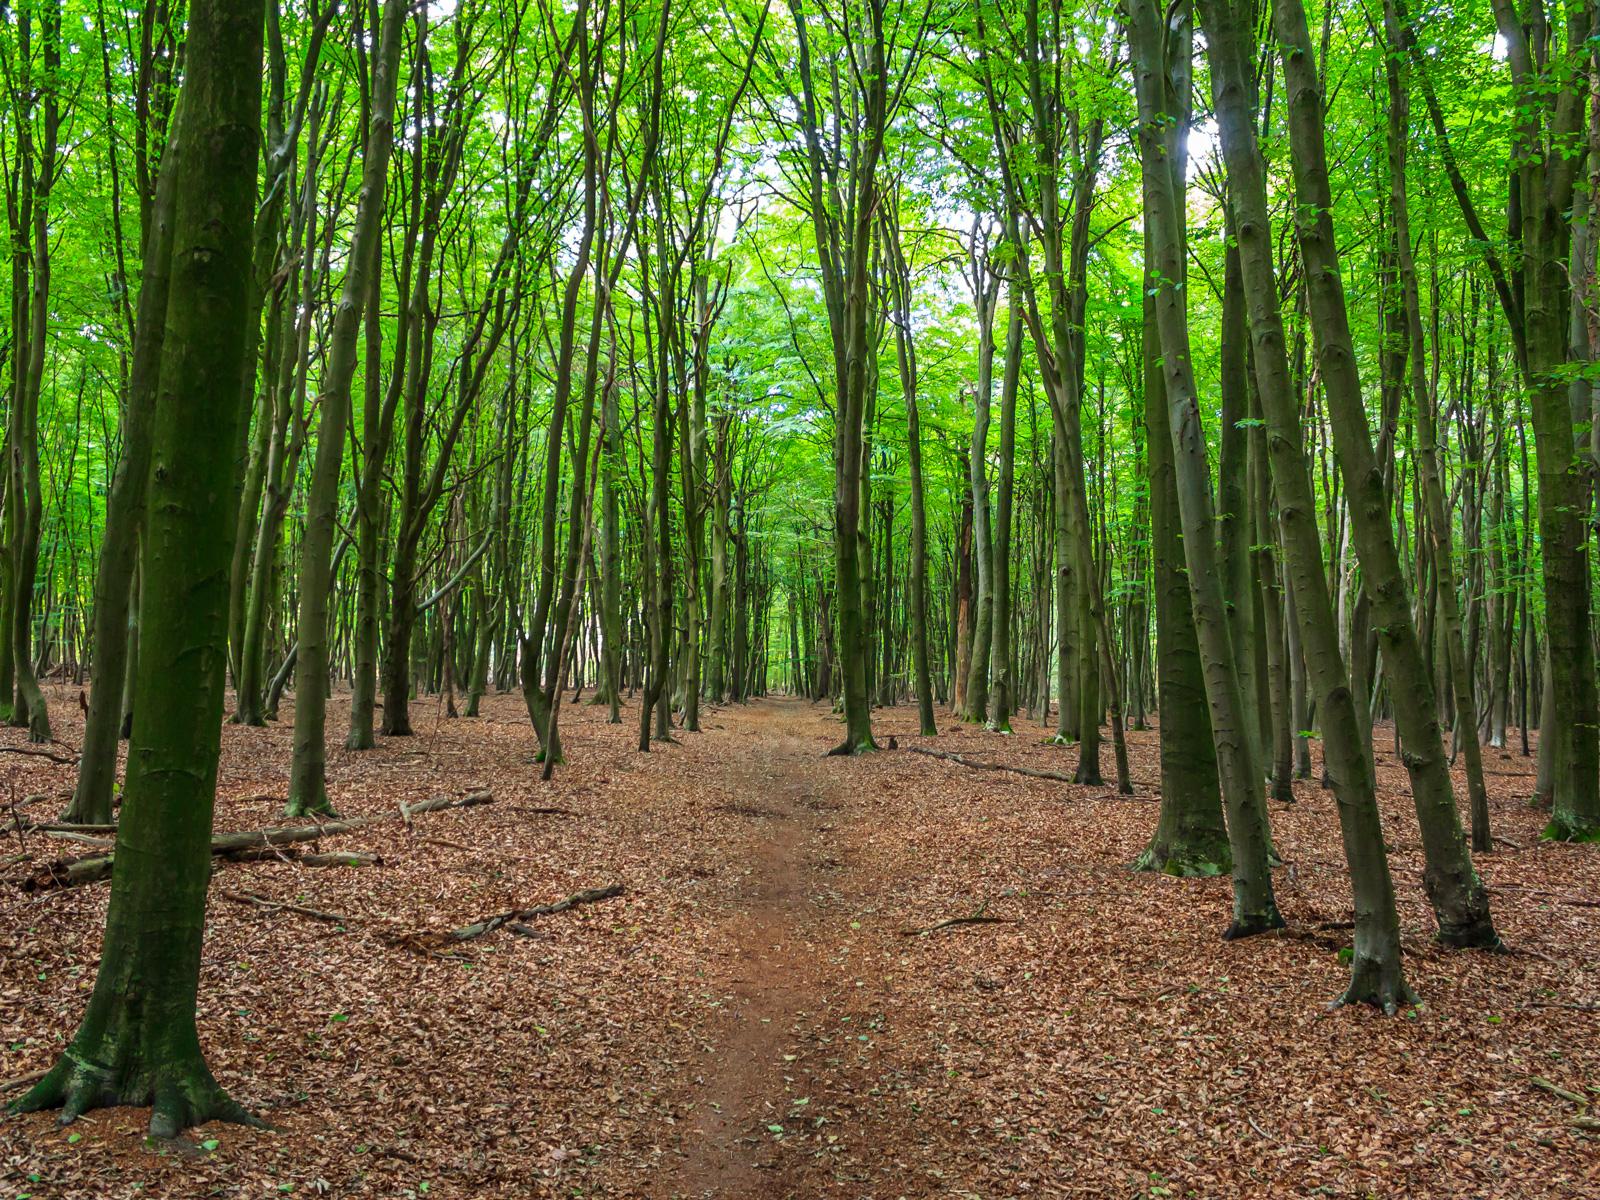 Weg durch Stangen- und Baumholz der Buche